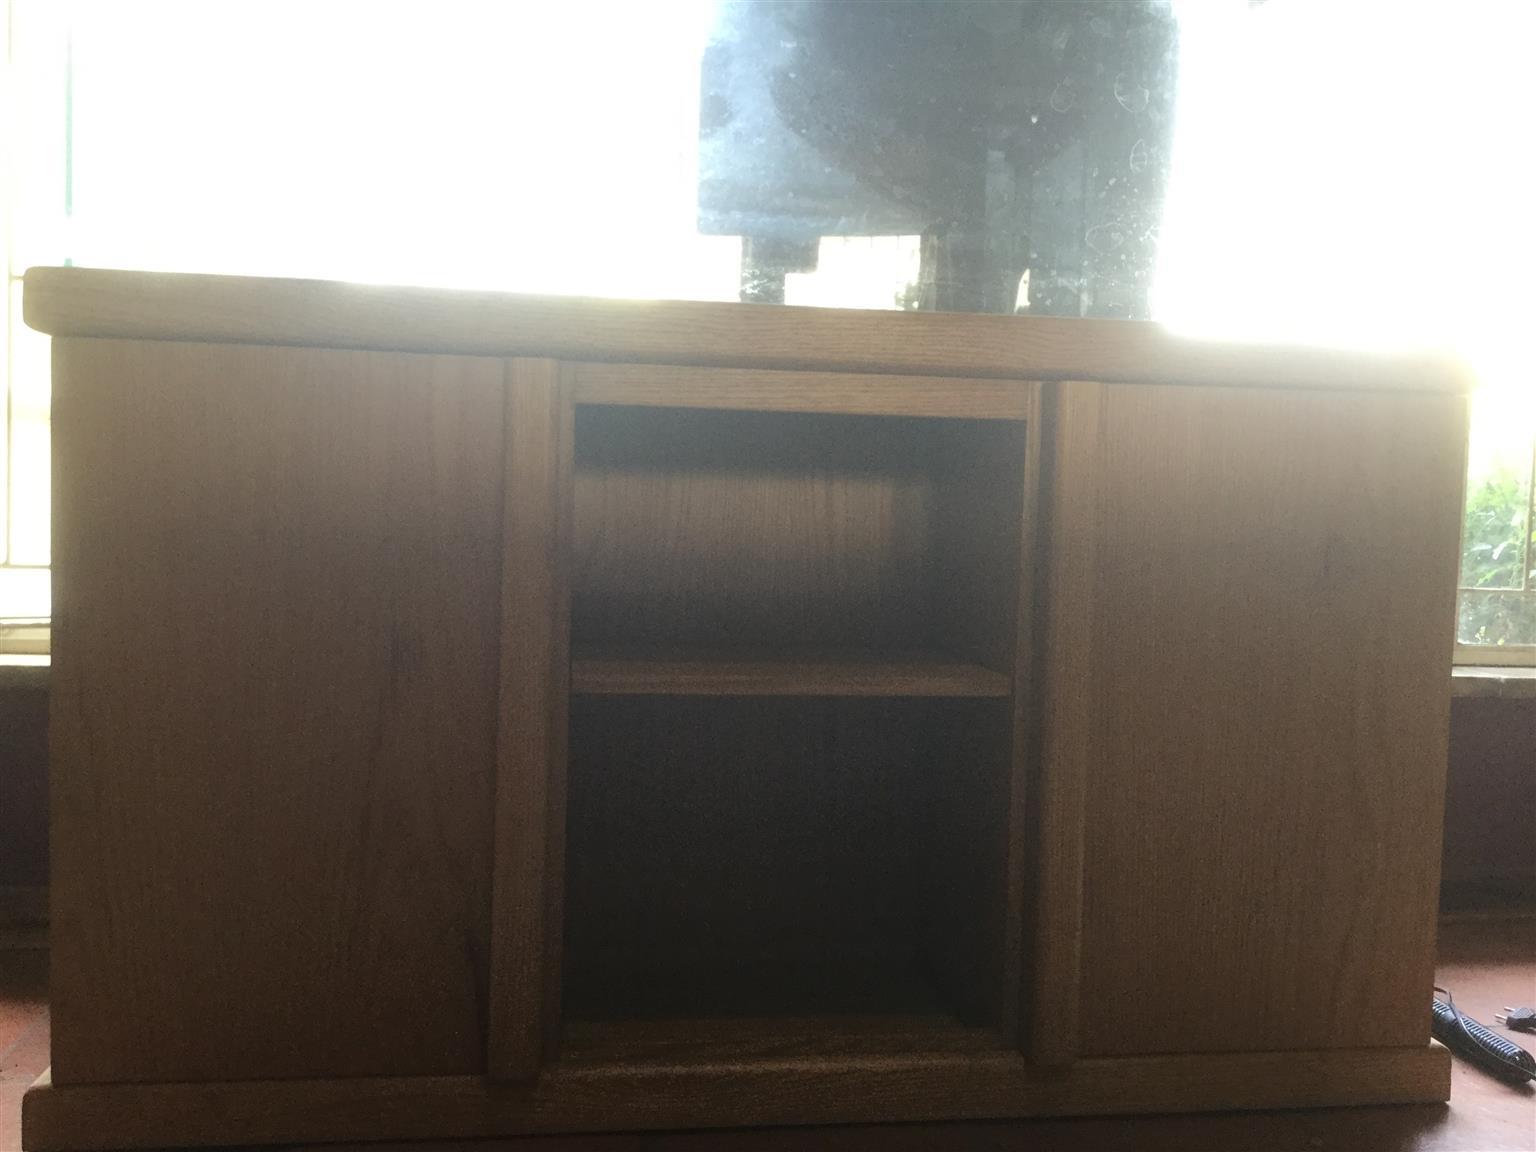 4 foot tank solid oak cabinet